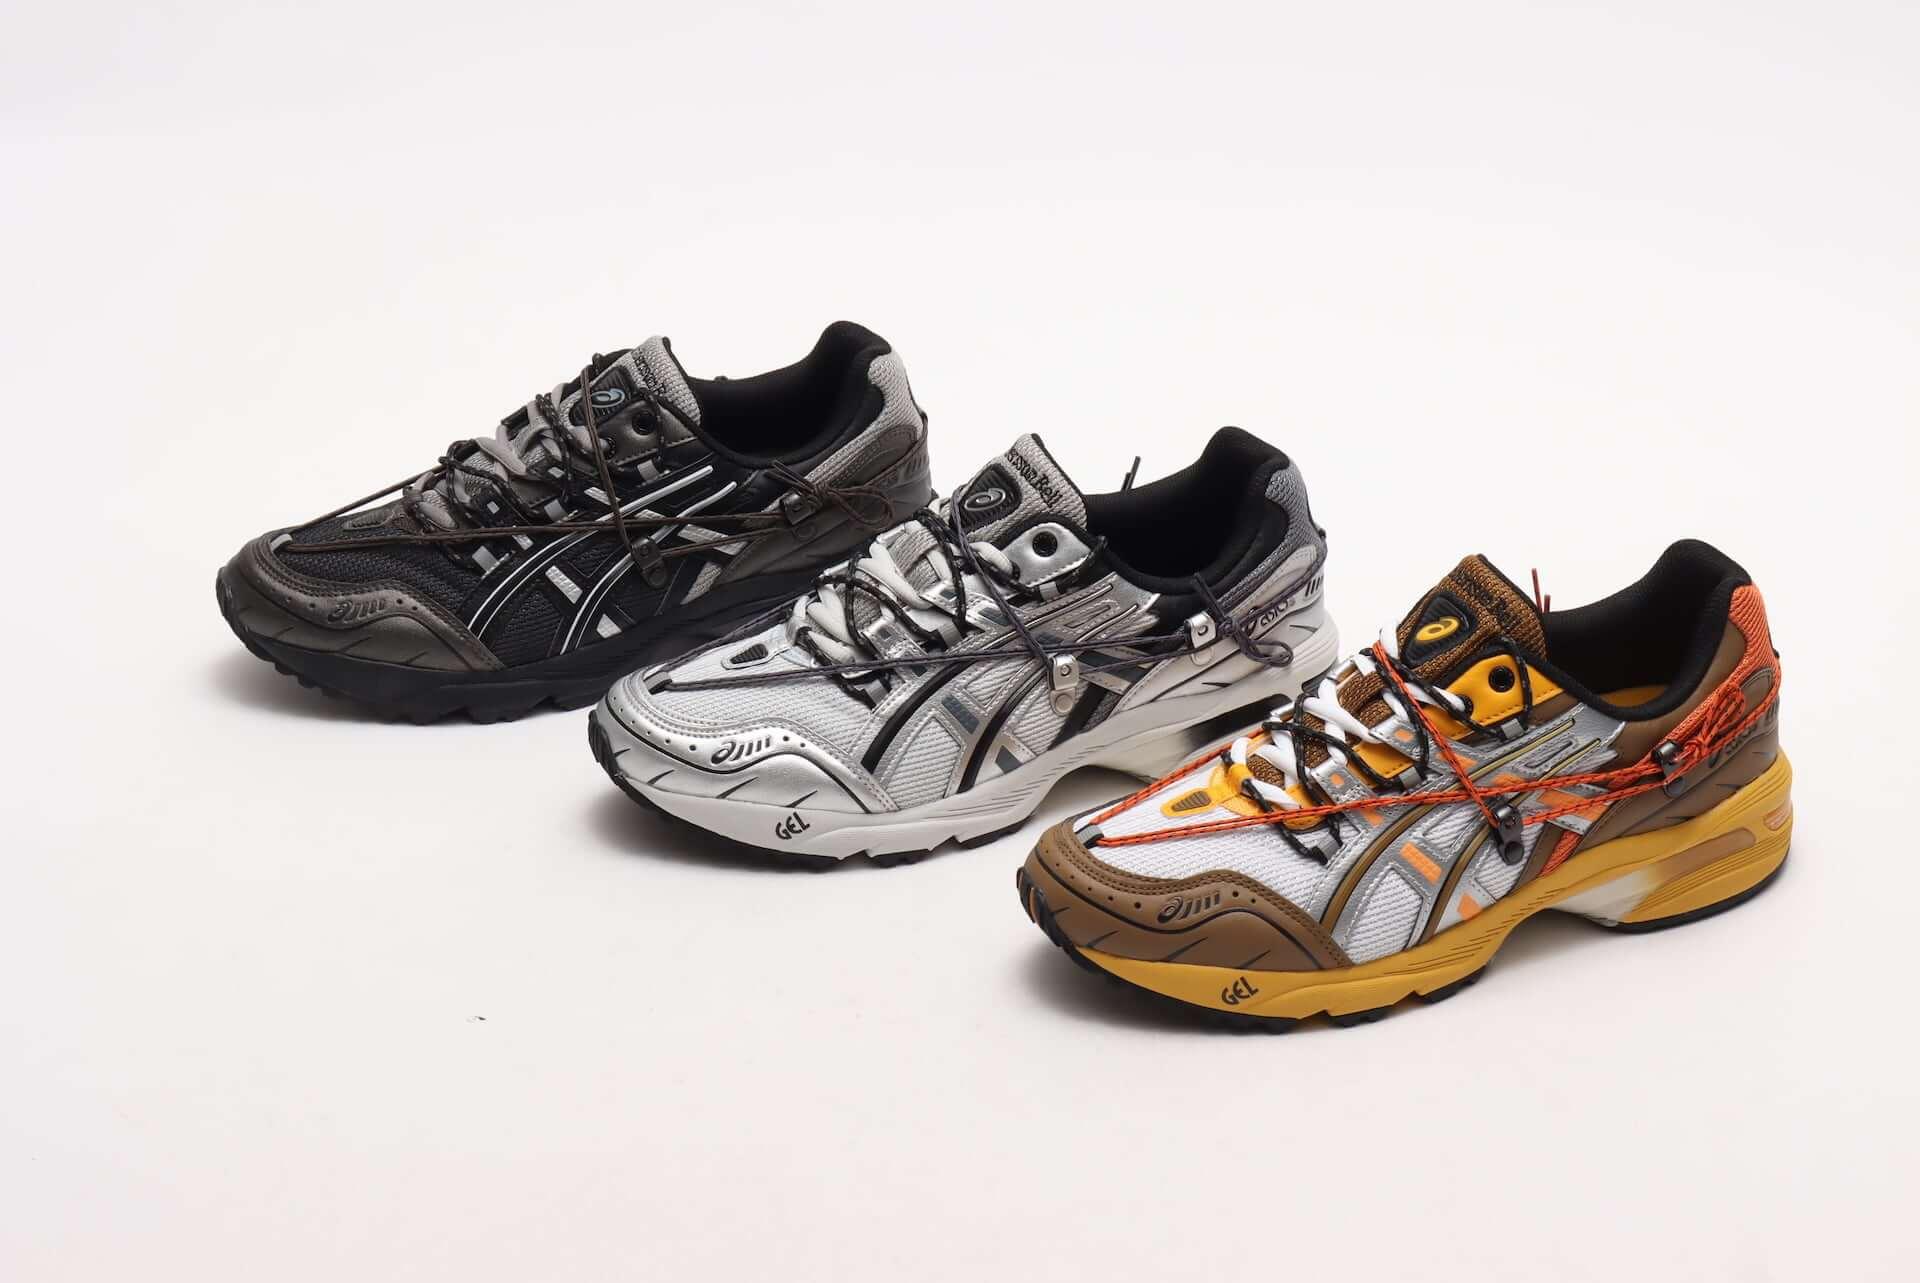 atmosにてASICS SportStyle『GEL-1090』の新色3種が発売決定!Andersson Bellの登山靴から着想を得た装飾に注目 lf210324_atmos_1-1920x1283